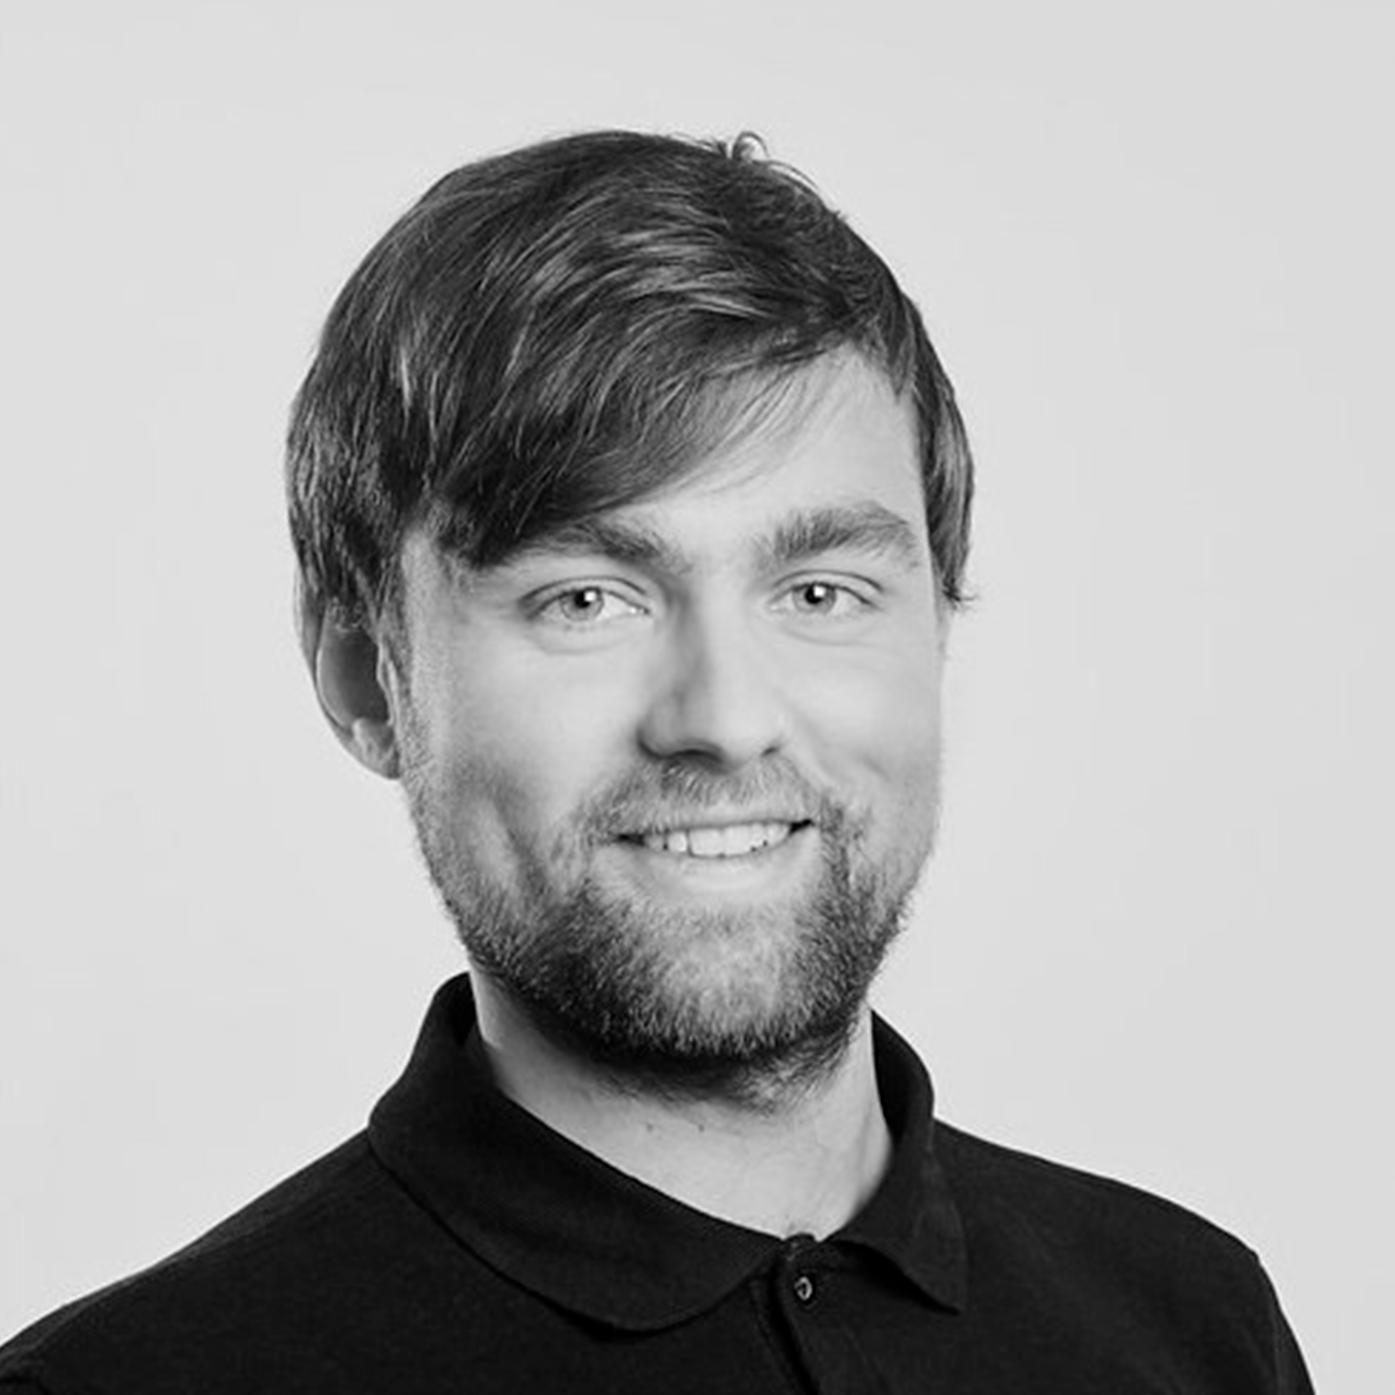 Daniel Lyngstad